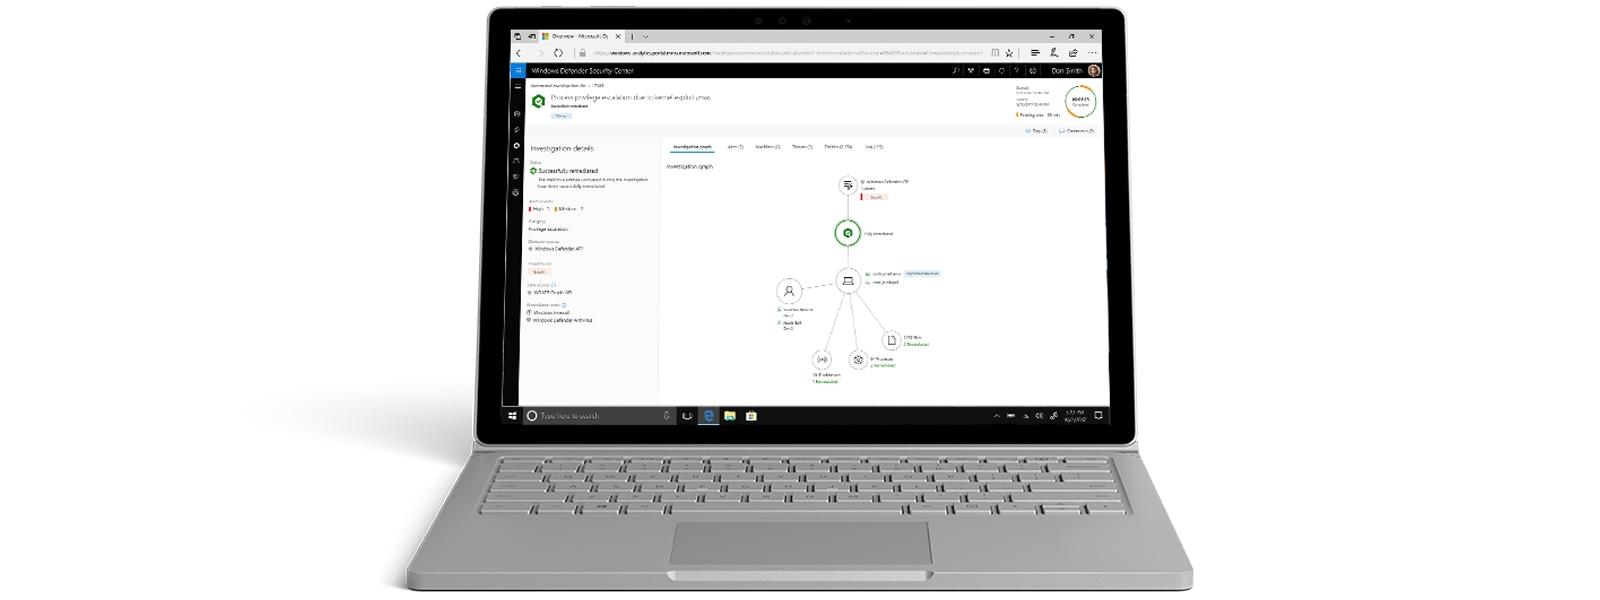 Windows Defender Center が画面に表示された Surface Laptop